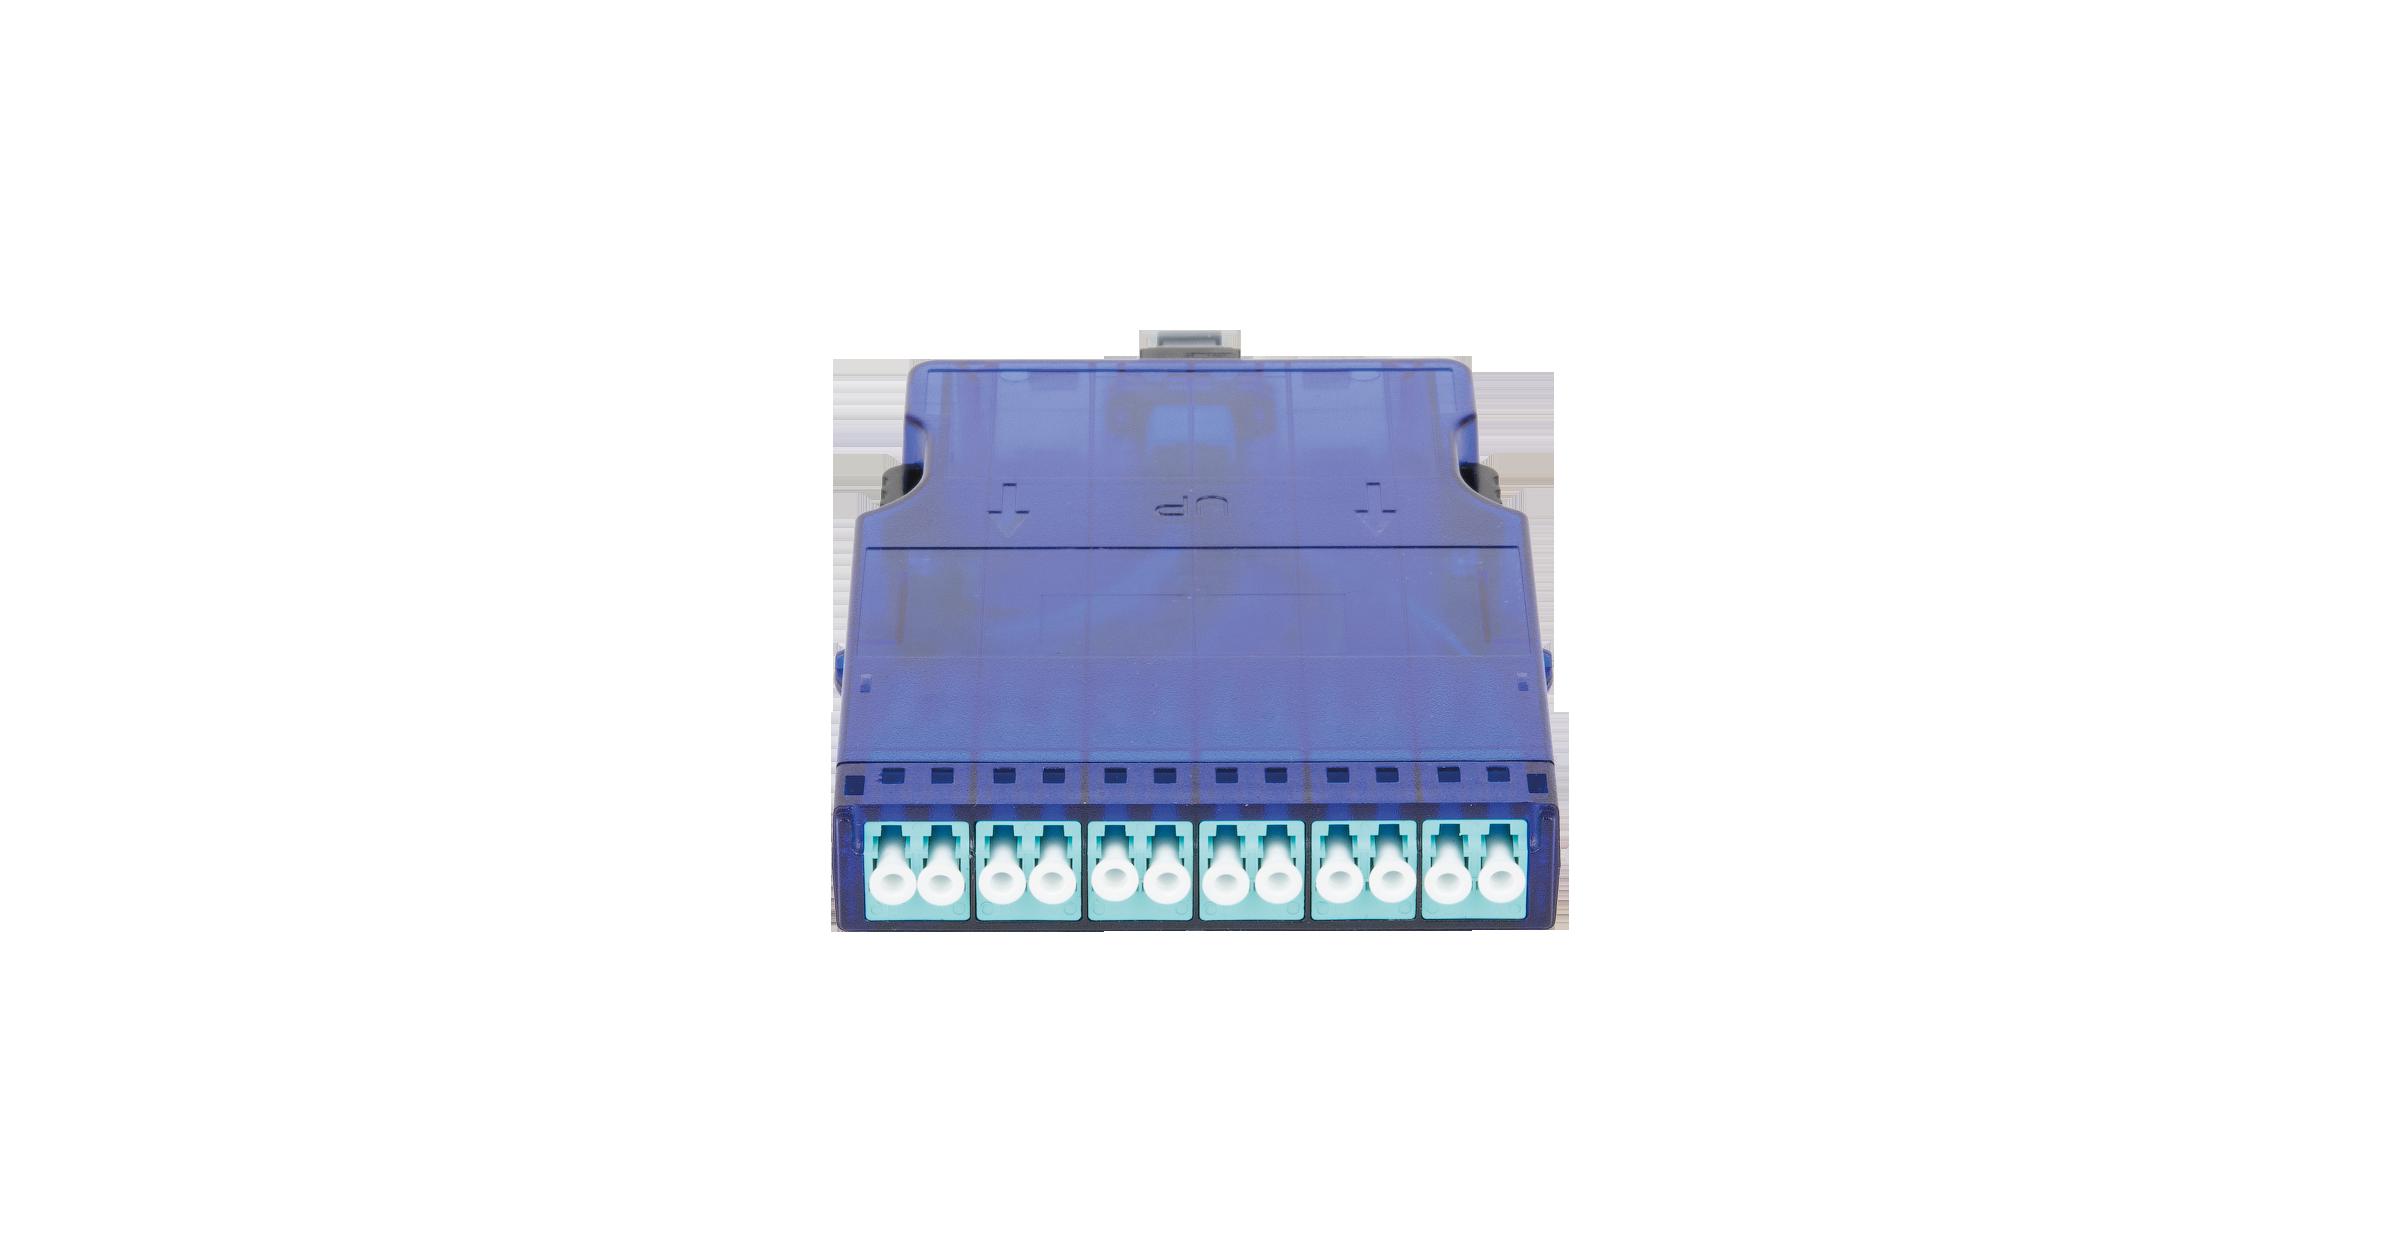 Кассета NIKOMAX волоконно-оптическая, для панели серии CJ, 1 слот, многомодовая 50/125 мкм, стандарта OM3, 1x MTP/male - 12x LC/UPC, поляризация А, премиум